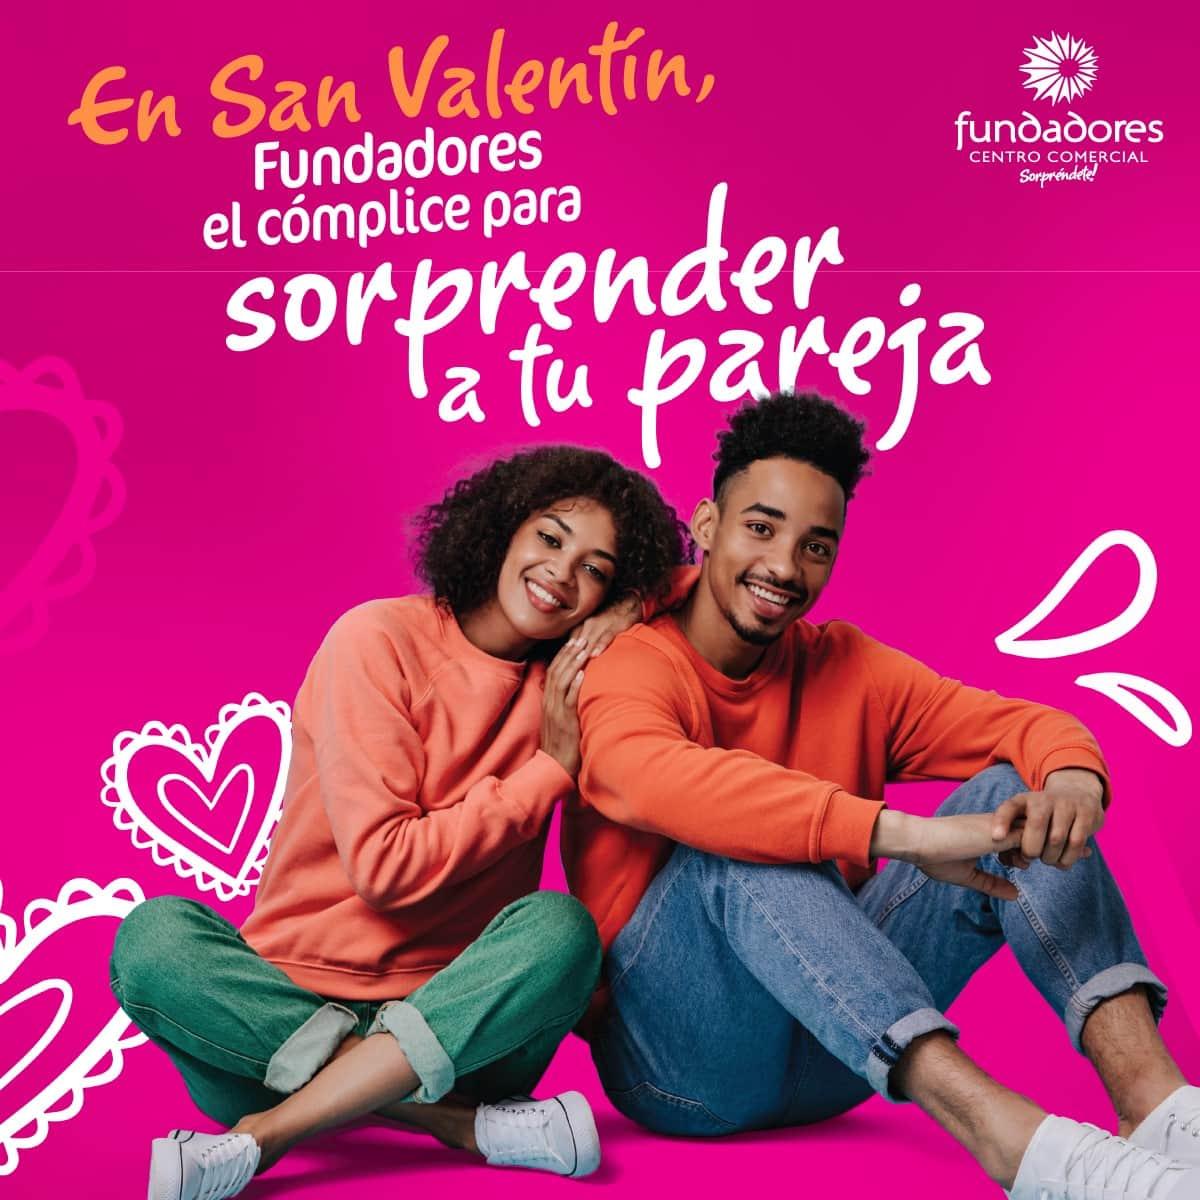 En San Valentín, el Centro Comercial Fundadores es el cómplice para sorprender a tu pareja